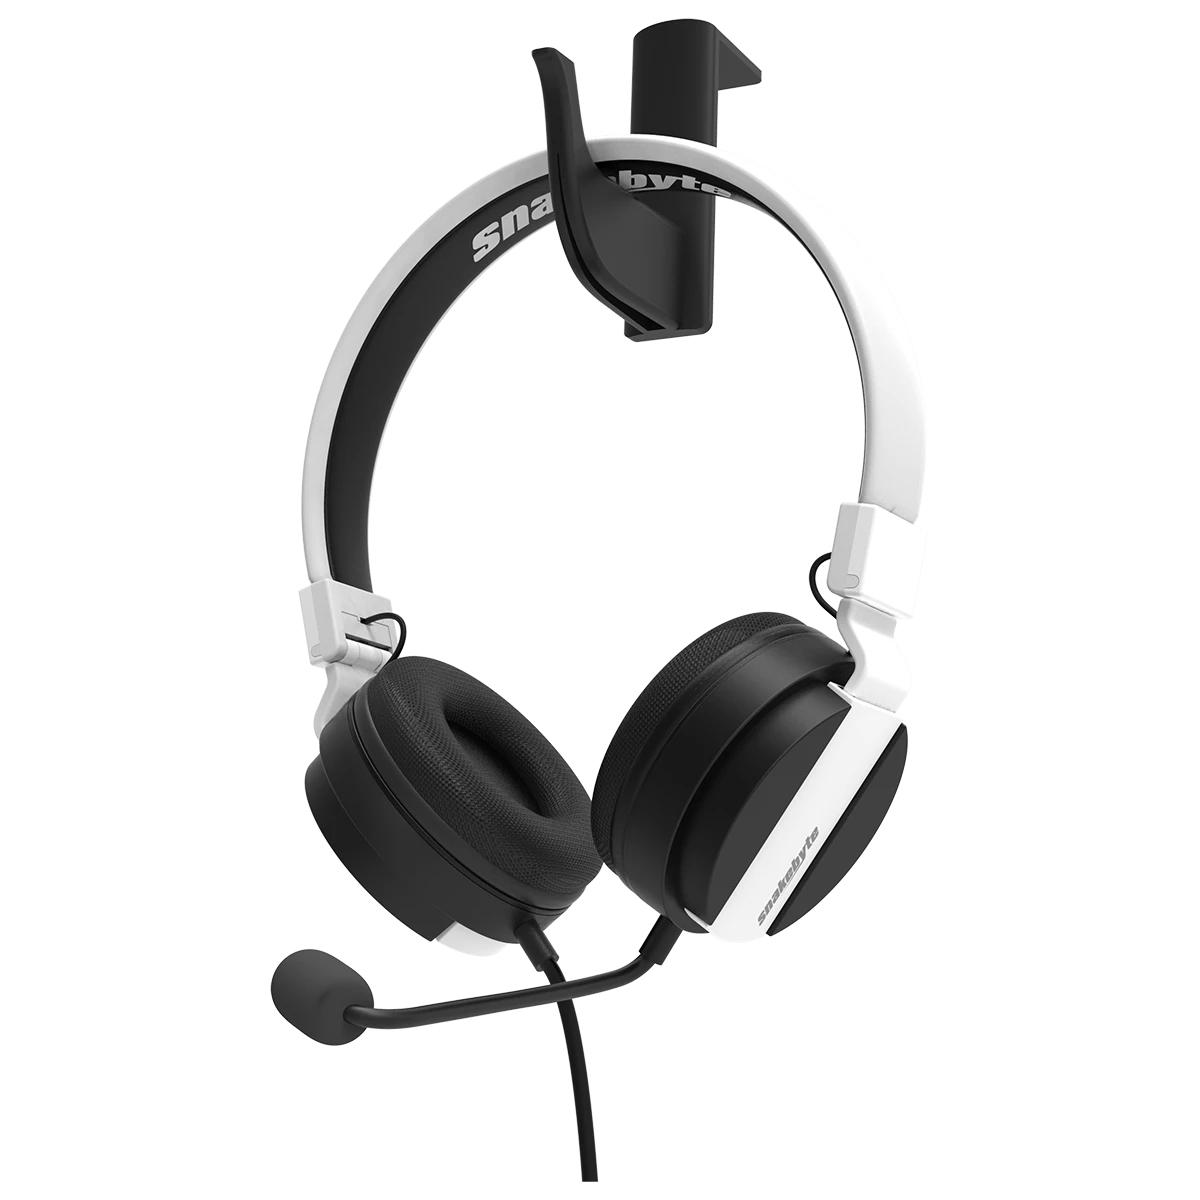 SnakeByte SONY PS5 ステレオヘッドセット HEAD:SET 5™ ヘッド:セット 5 3.5mmジャック 40mmドライバー 着脱可能マイク インラインコントローラー付